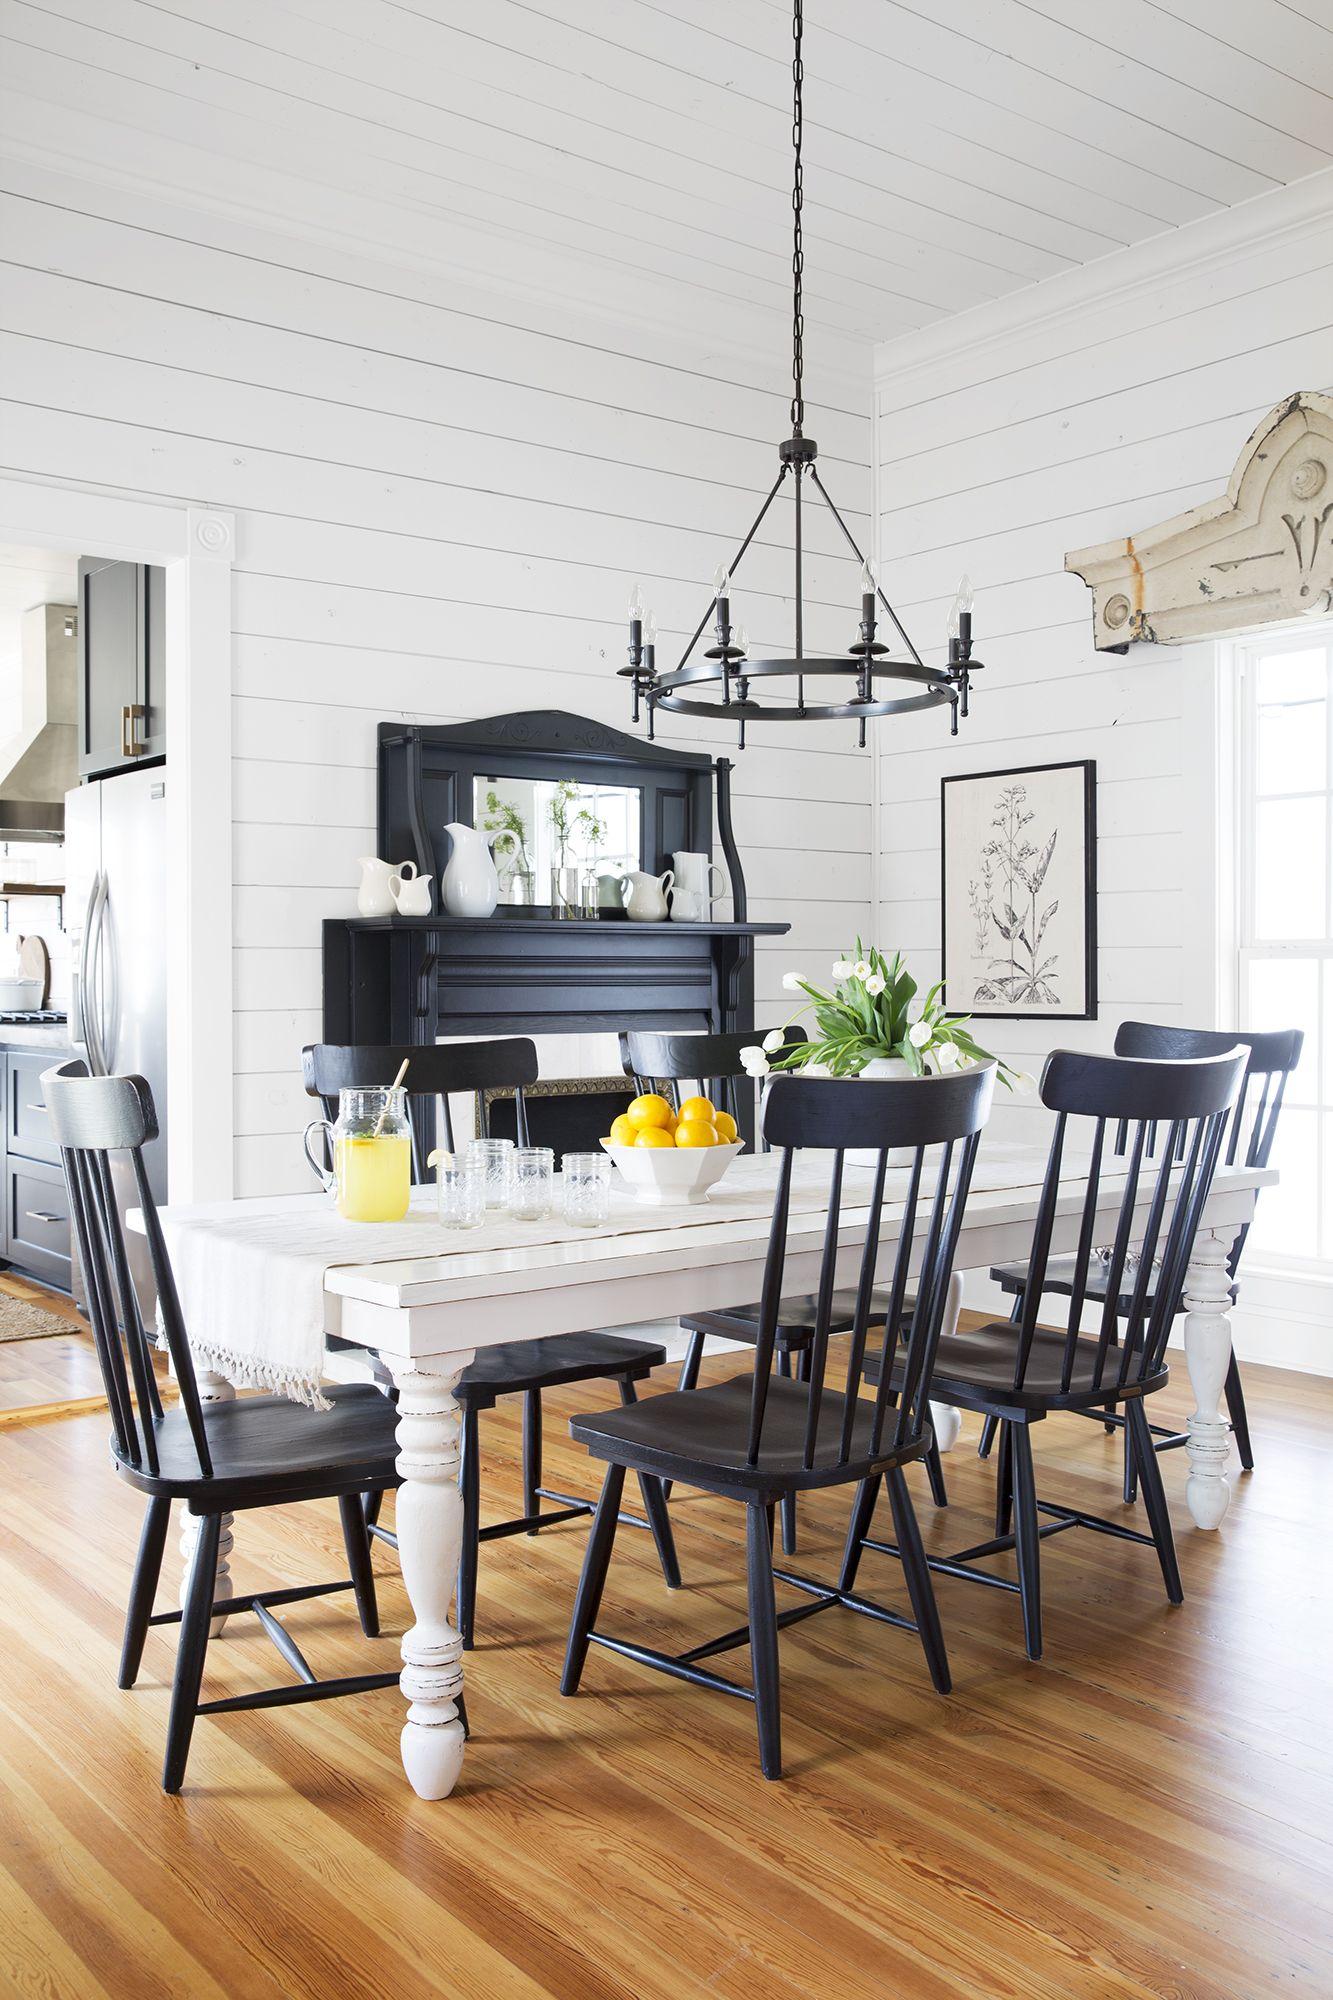 25 Best Farmhouse Decor Diy Farmhouse Decorating Ideas